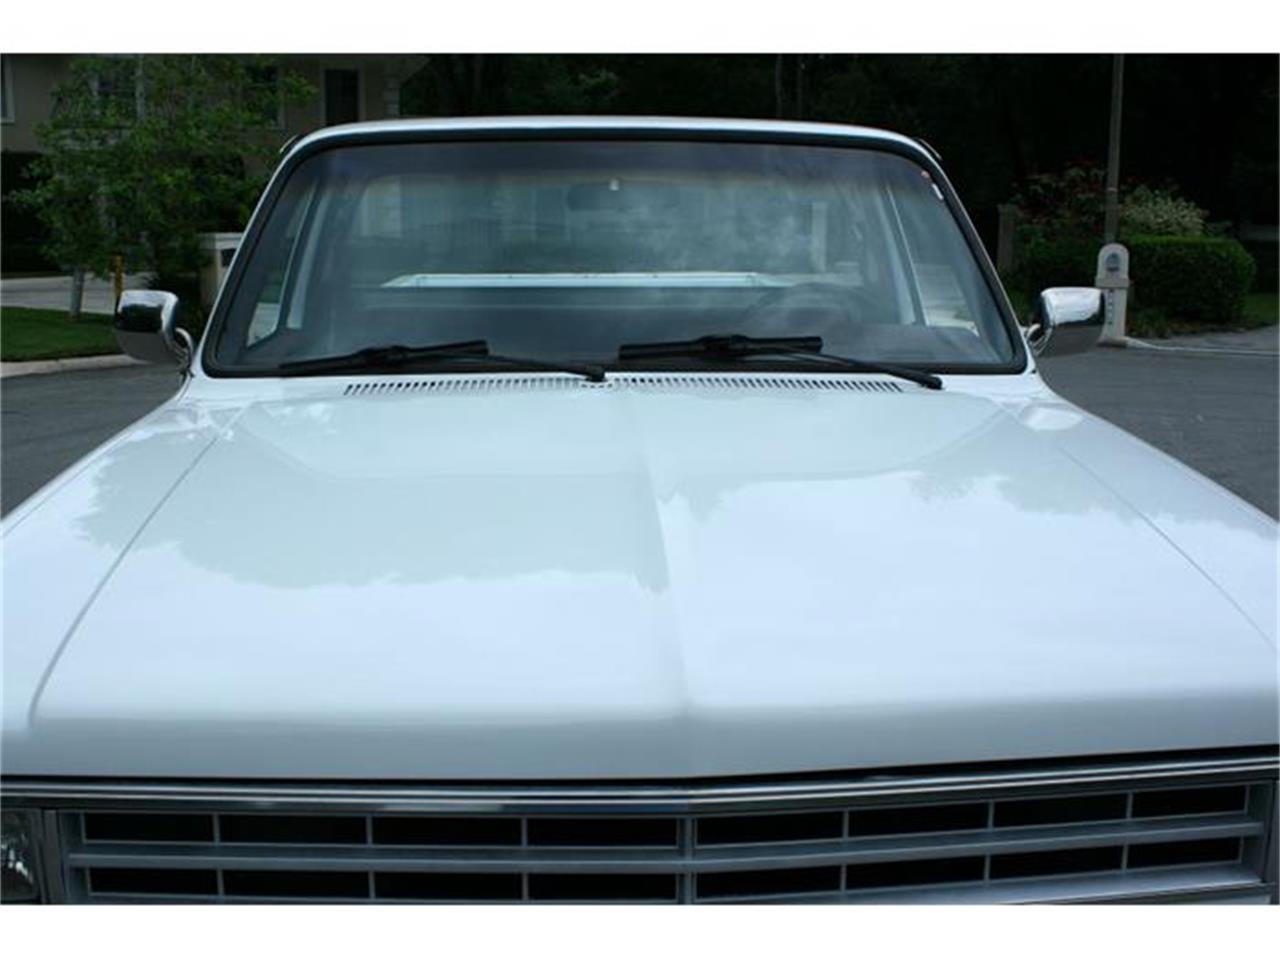 Large Picture of '87 Silverado - $19,500.00 - IQHJ